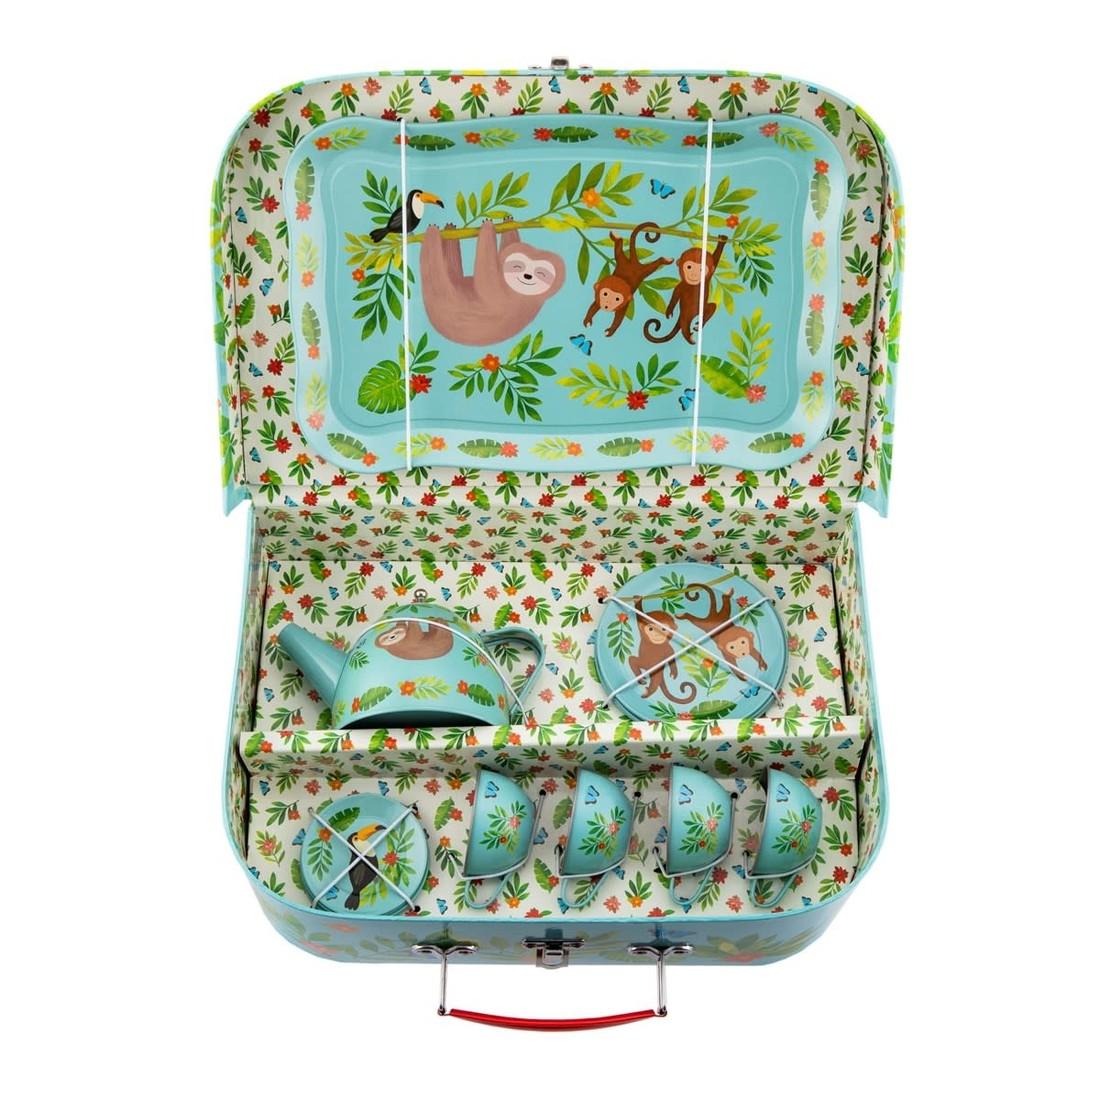 Kinder Koffer Teegeschirrset